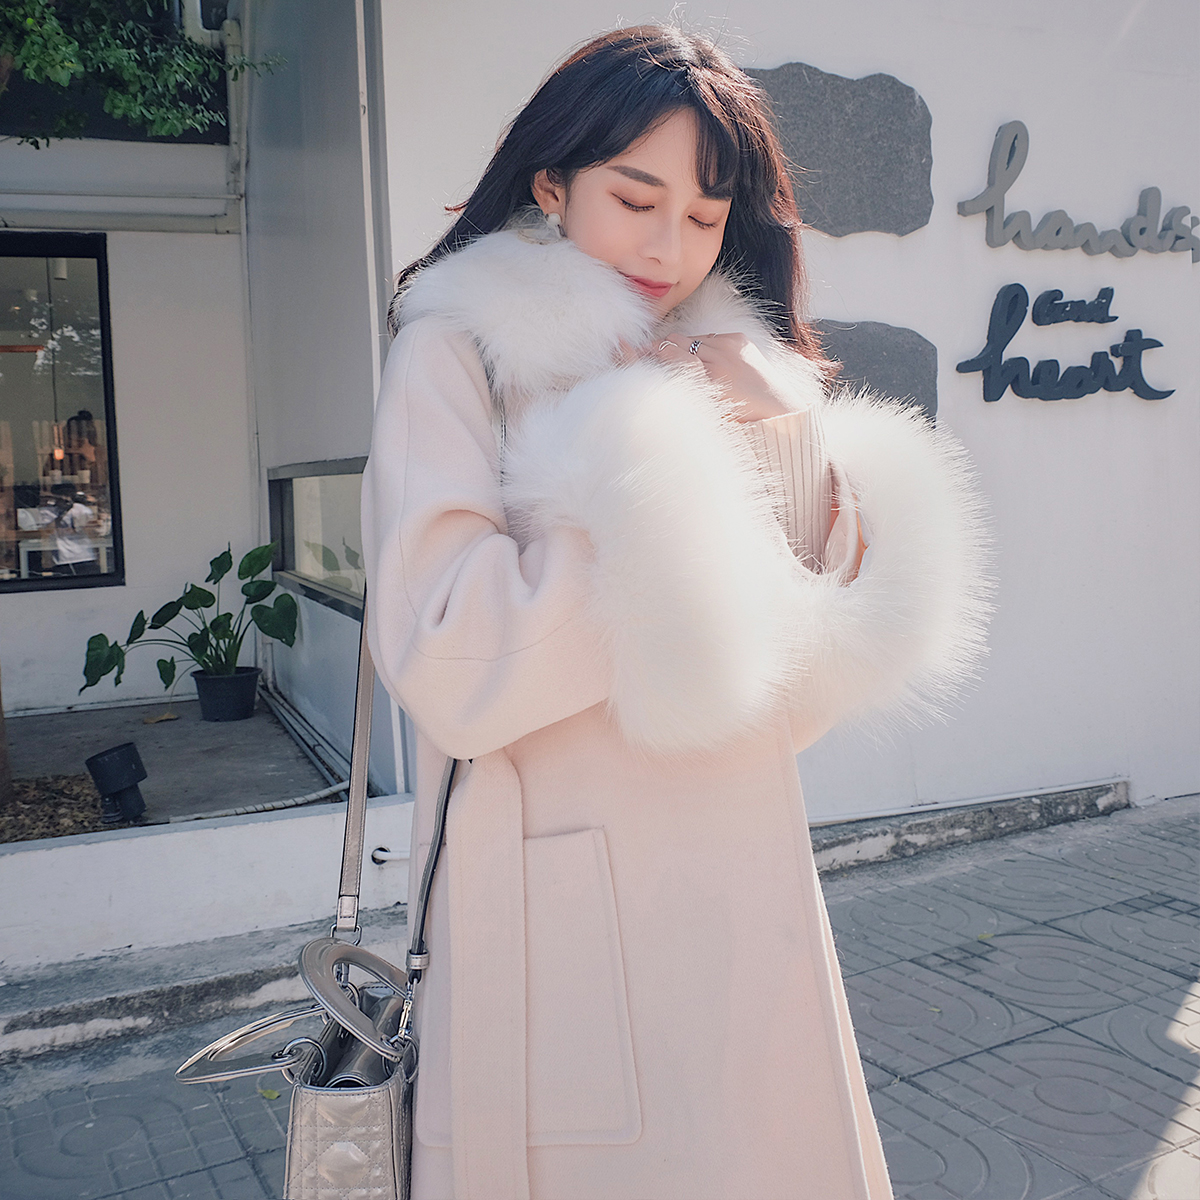 Thắt lưng ca cao Chanel, áo len, nữ dày mùa đông, phần dài, thời trang Hàn Quốc, áo len mỏng, sang trọng, nữ